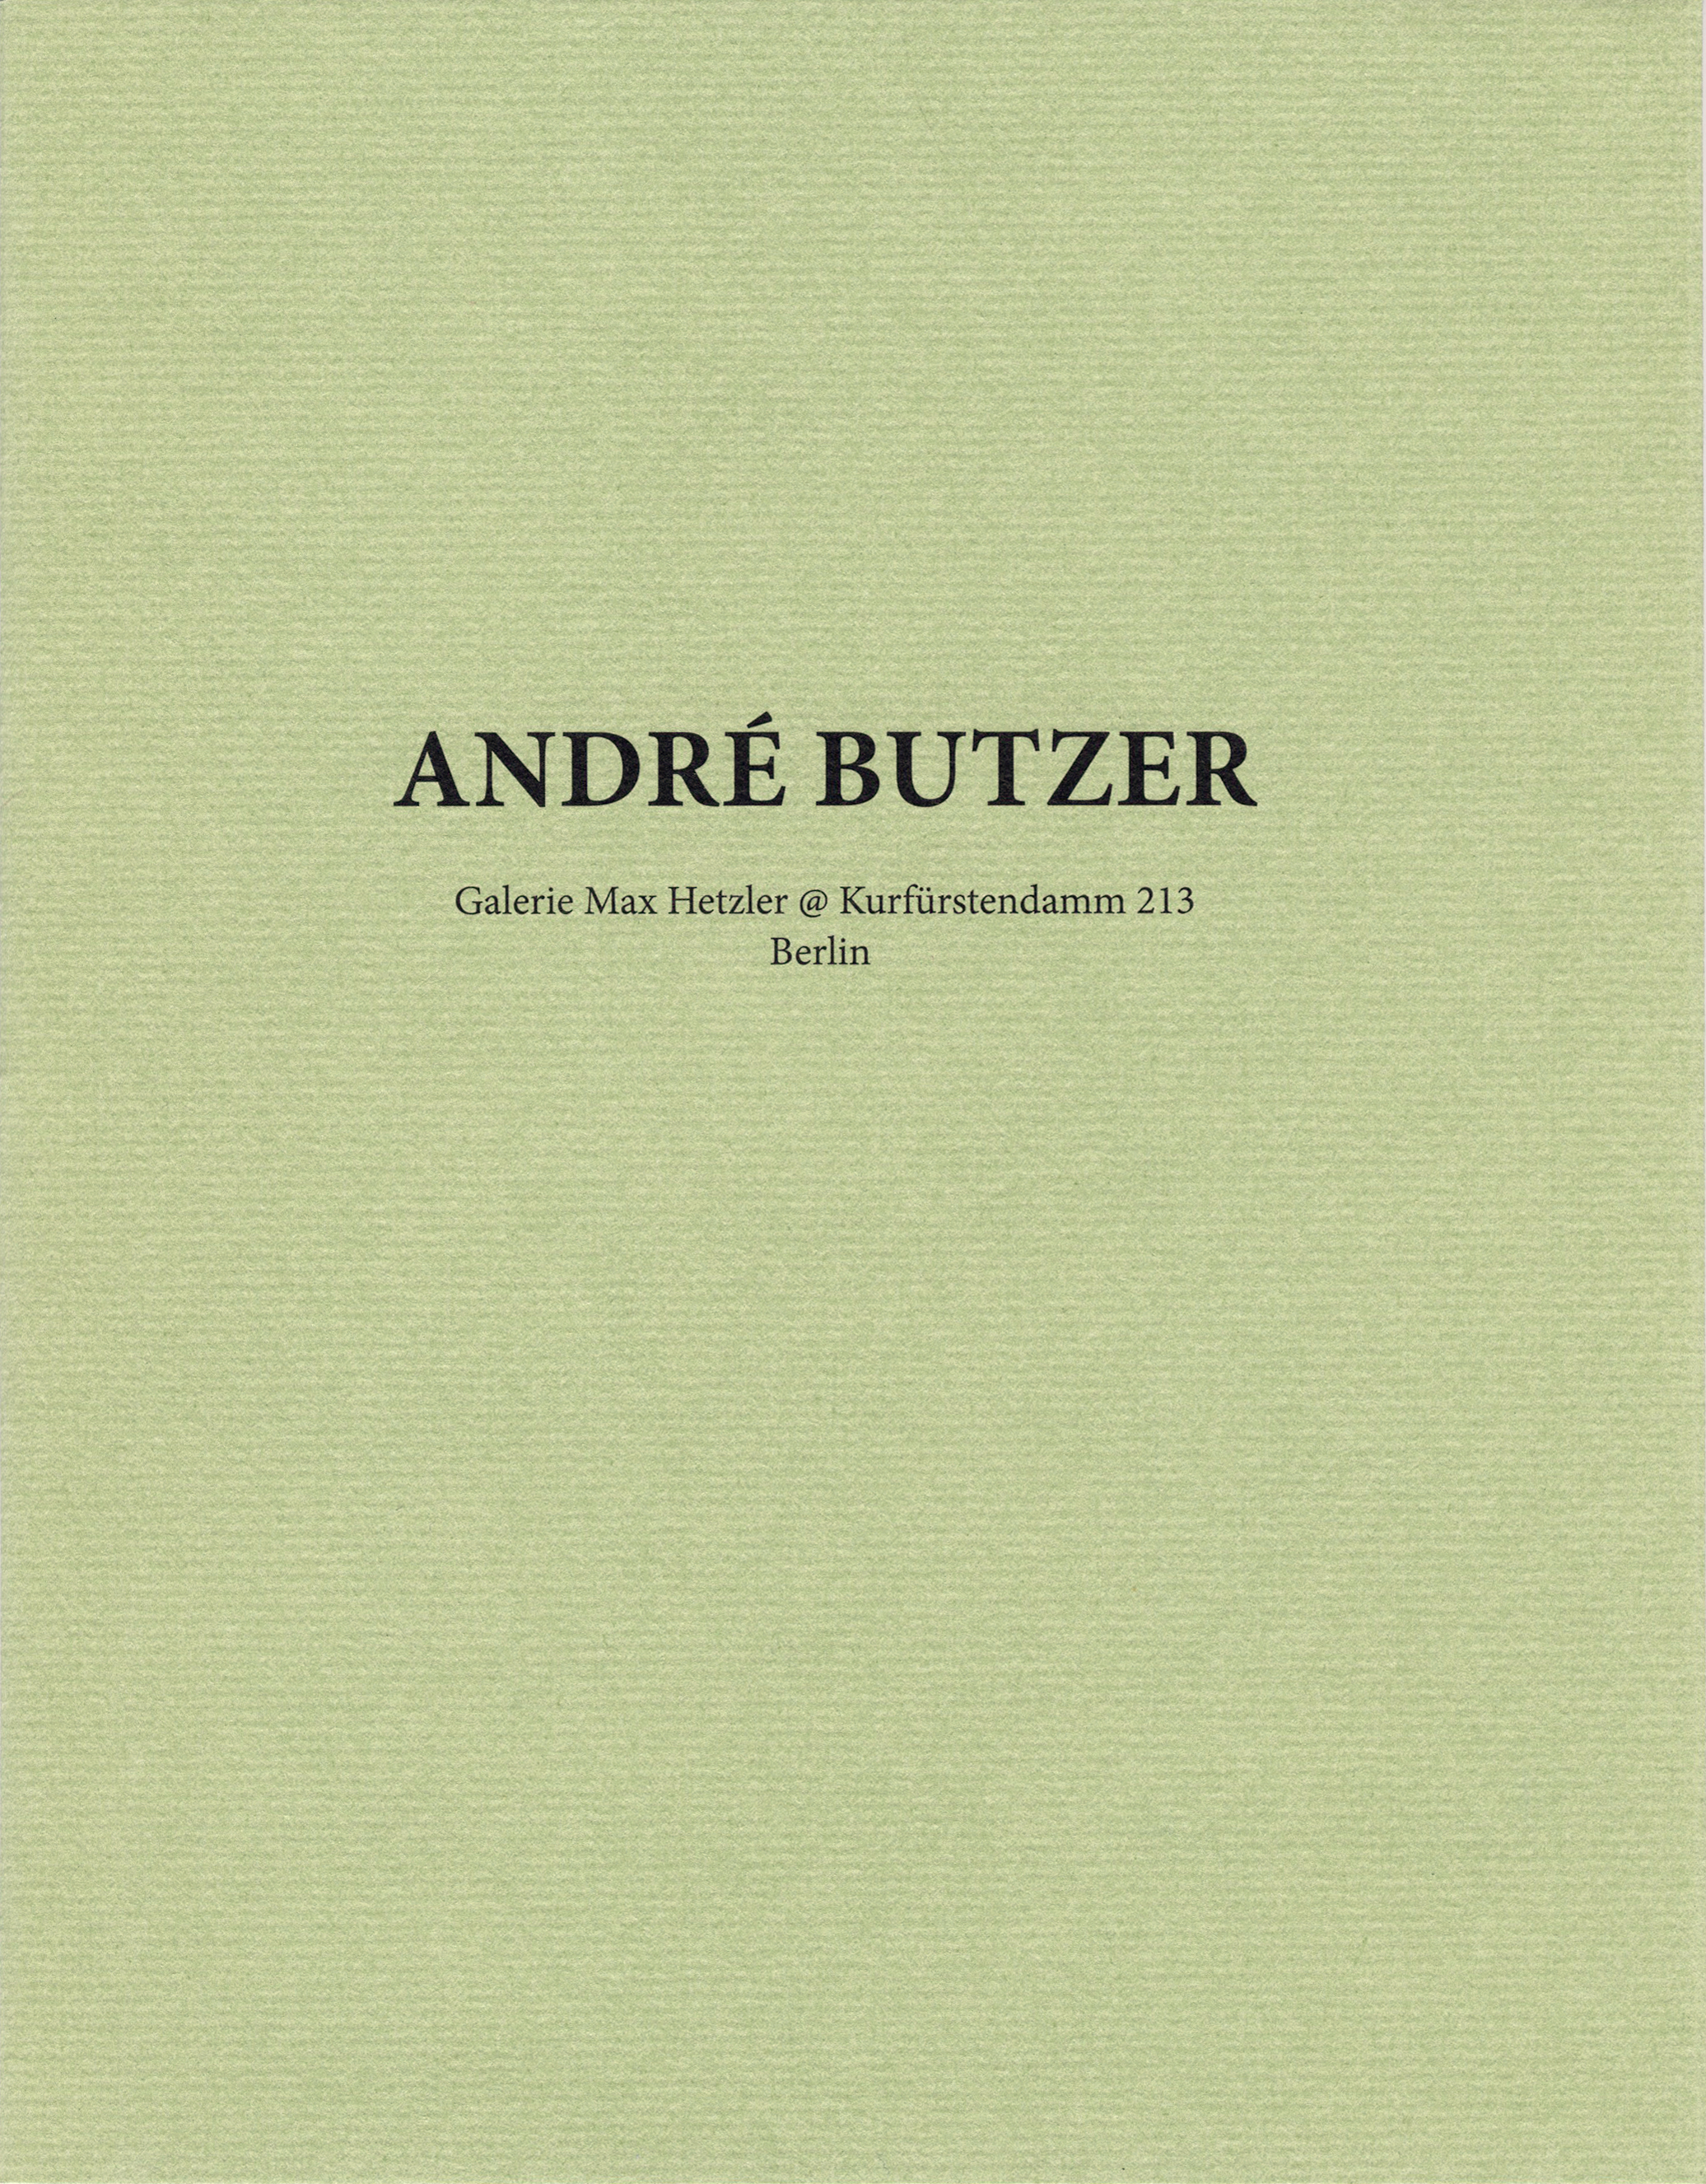 Galerie Max Hetzler @ Kurfürstendamm 213, Berlin - Galerie Max Hetzler